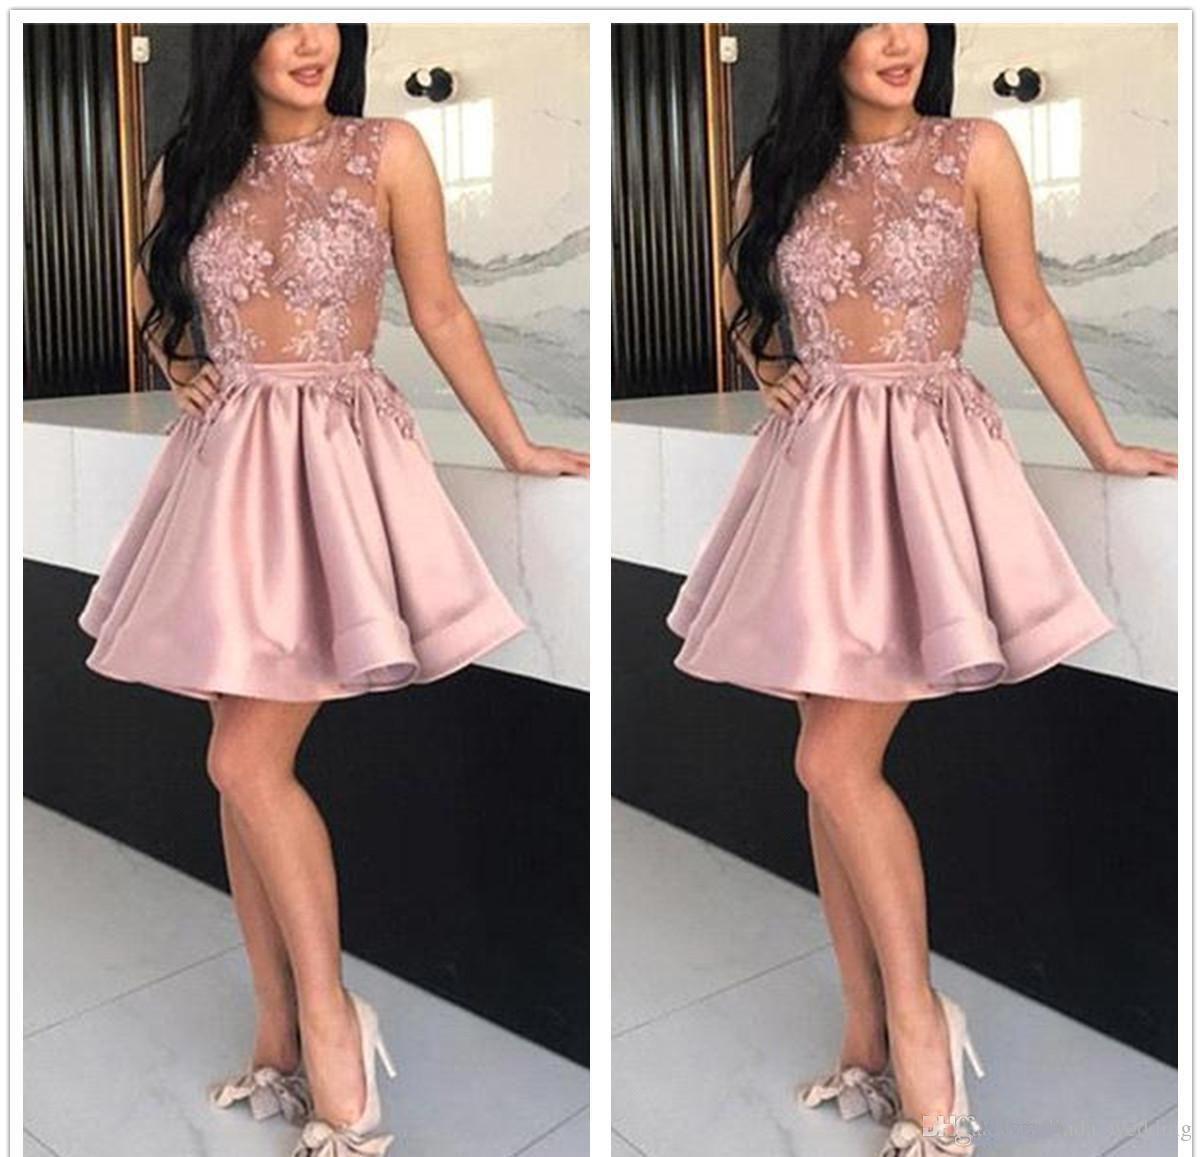 2018 저렴한 칵테일 드레스 인기 라인 레이스 Applique 짧은 세미 클럽웨어 착용 졸업 파티 가운 플러스 사이즈 커스텀 메이크업